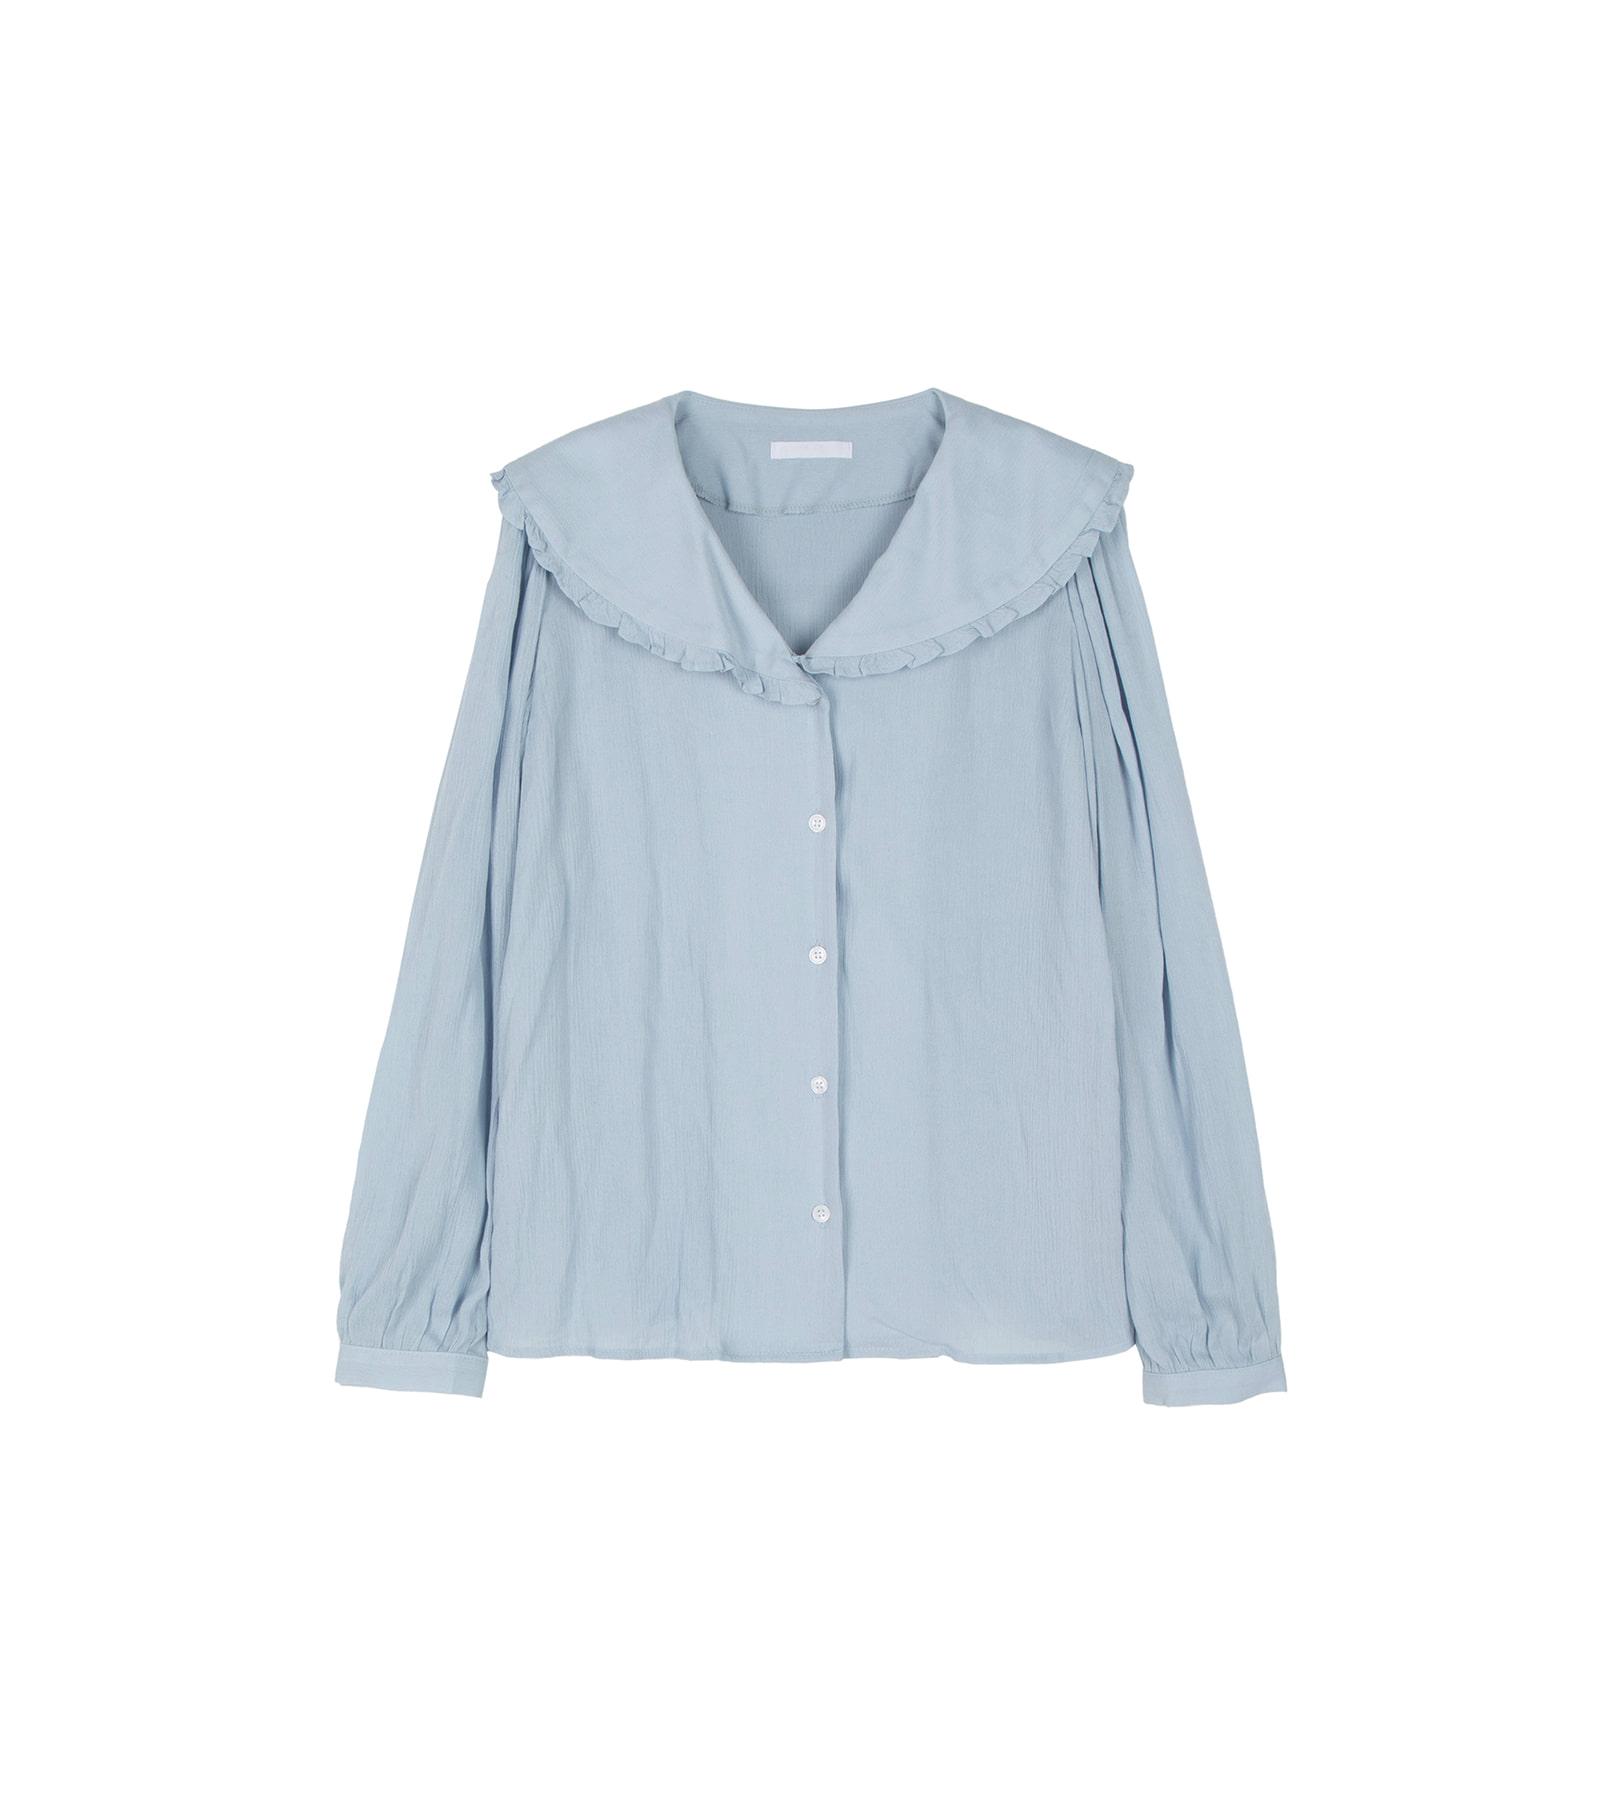 Nice sailor collar blouse